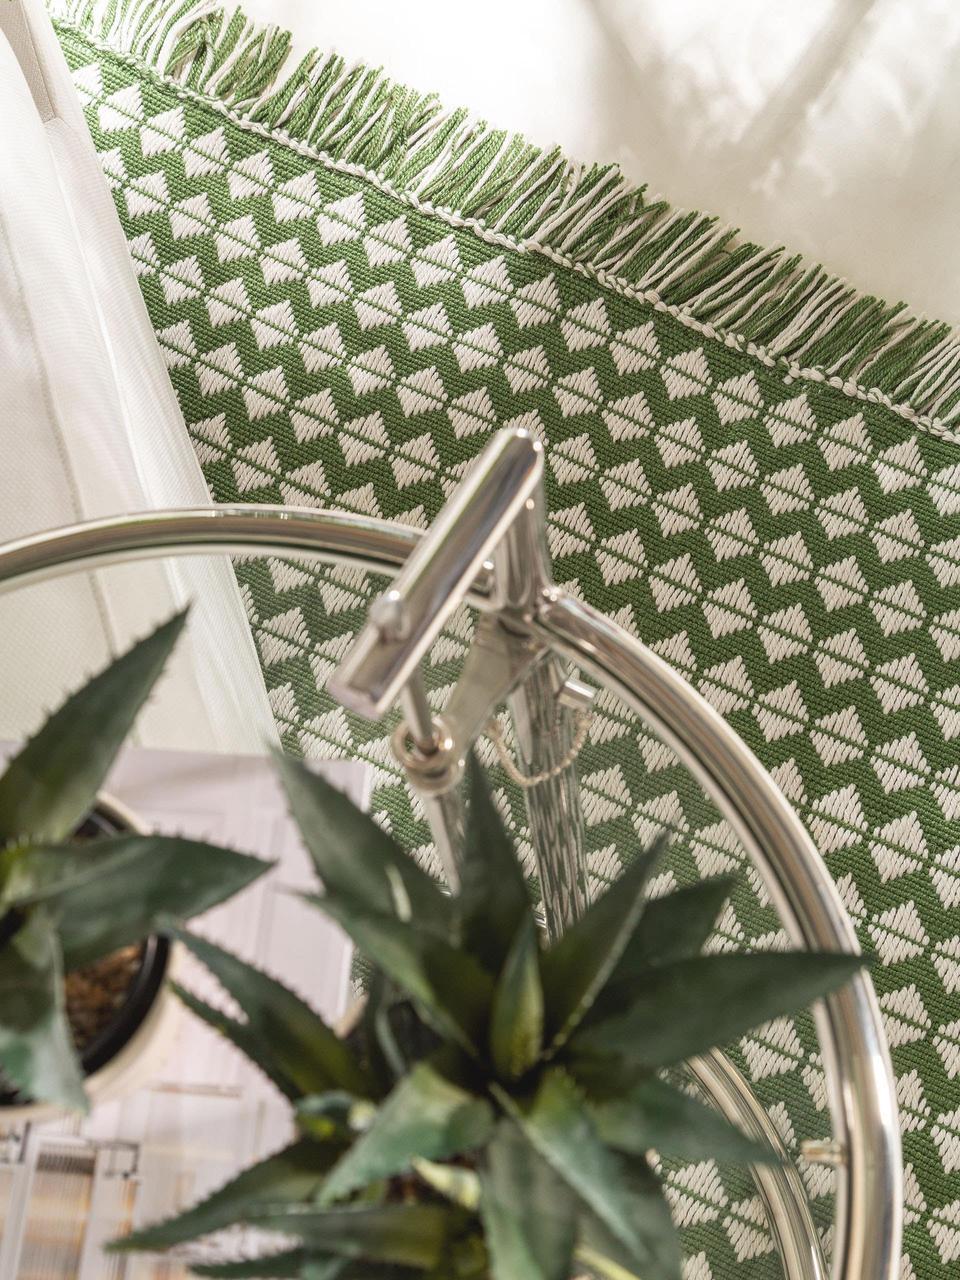 Tappeto etnico da interno-esterno con frange Morty, 100% poliestere (PET riciclato), Verde, bianco latteo, Larg. 80 x Lung. 150 cm (taglia XS)